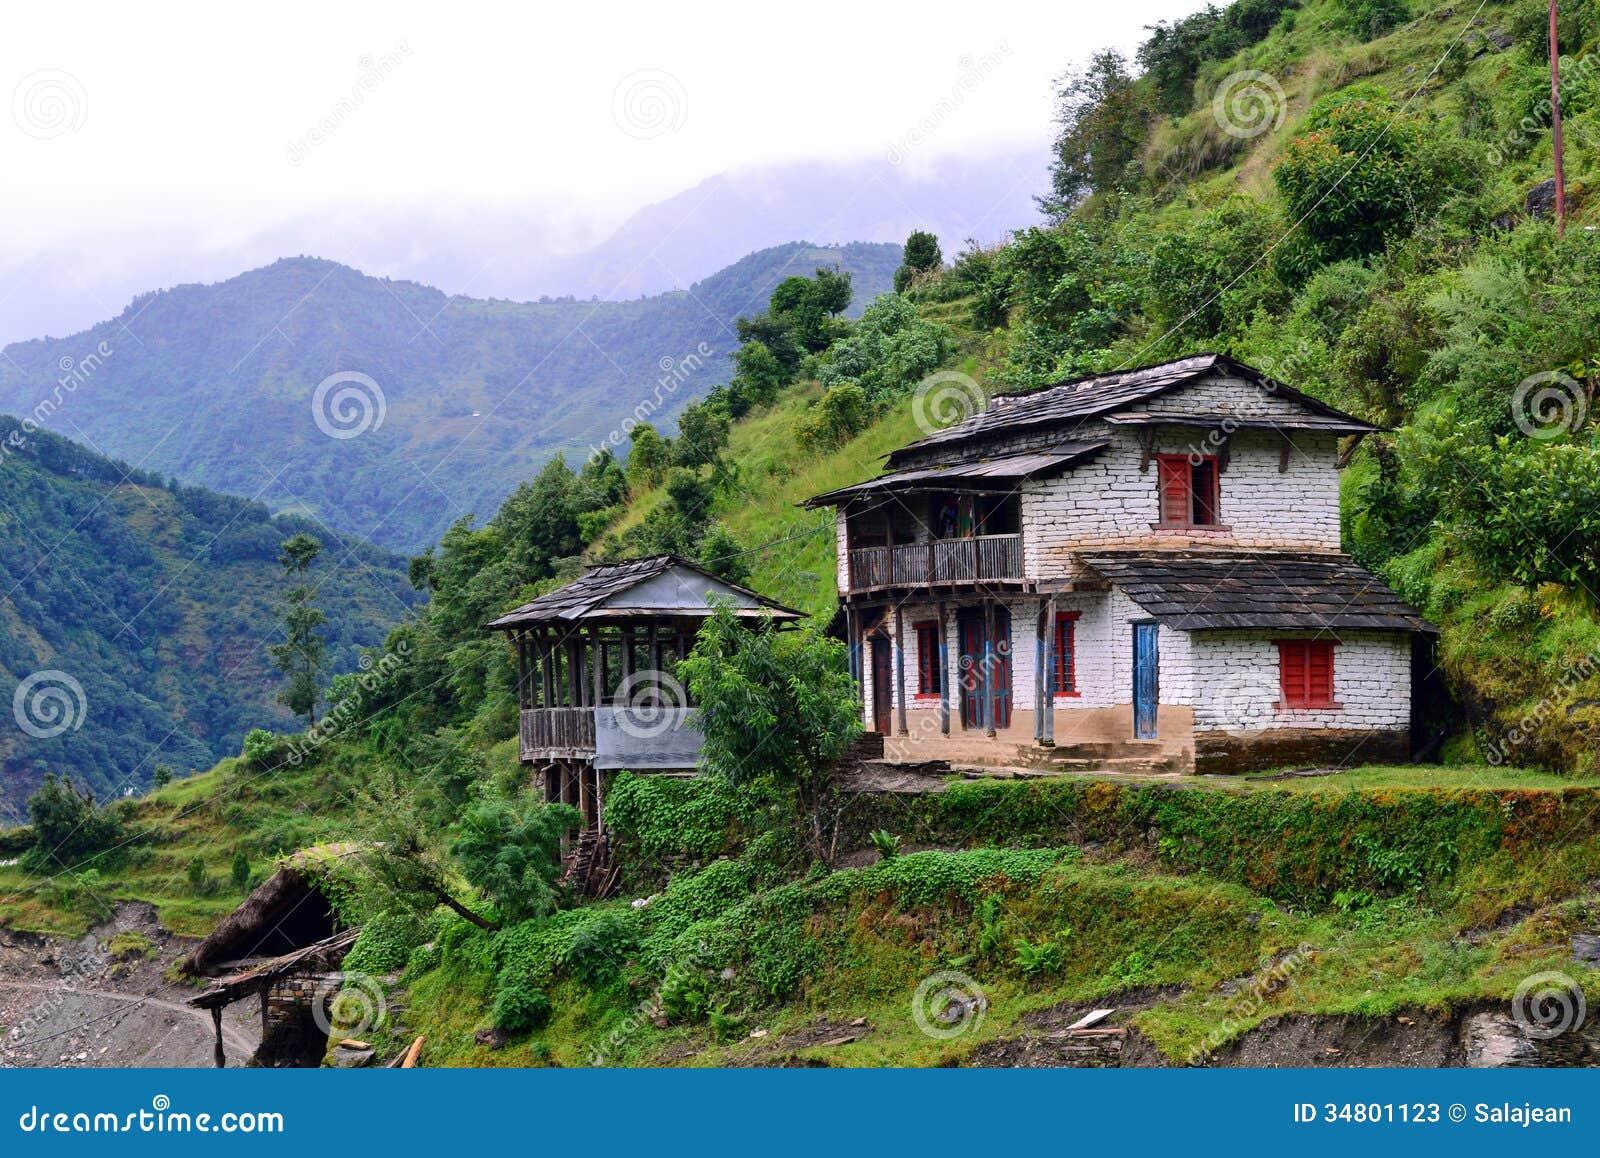 A Gurung Village In The Annapurna Sanctuary Trail